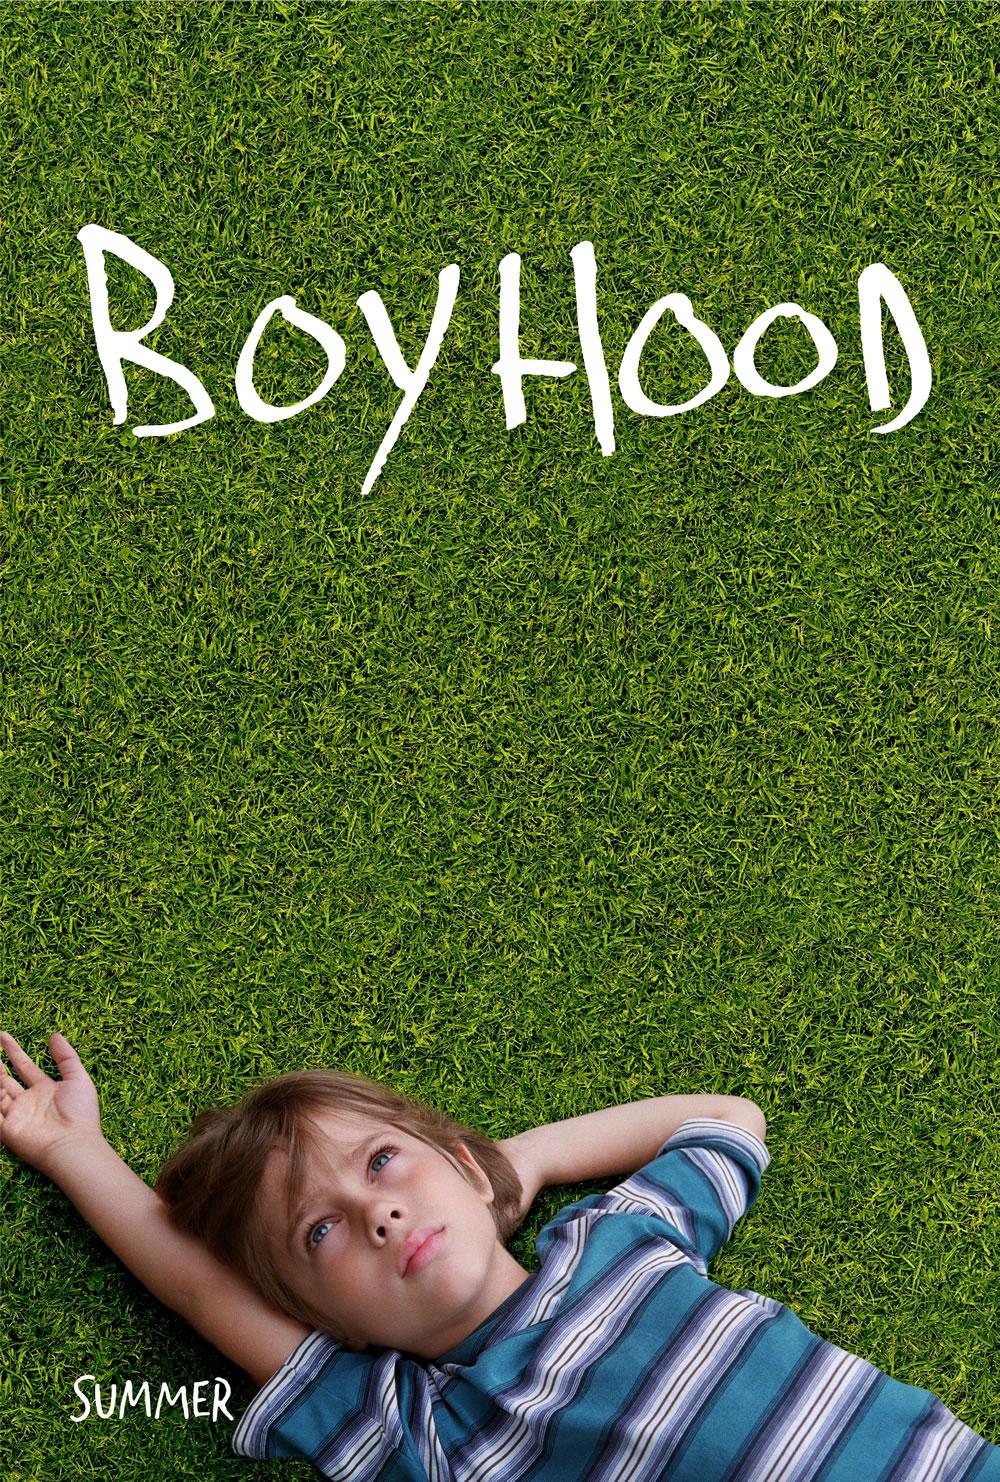 boyhood-teaser-poster.jpg